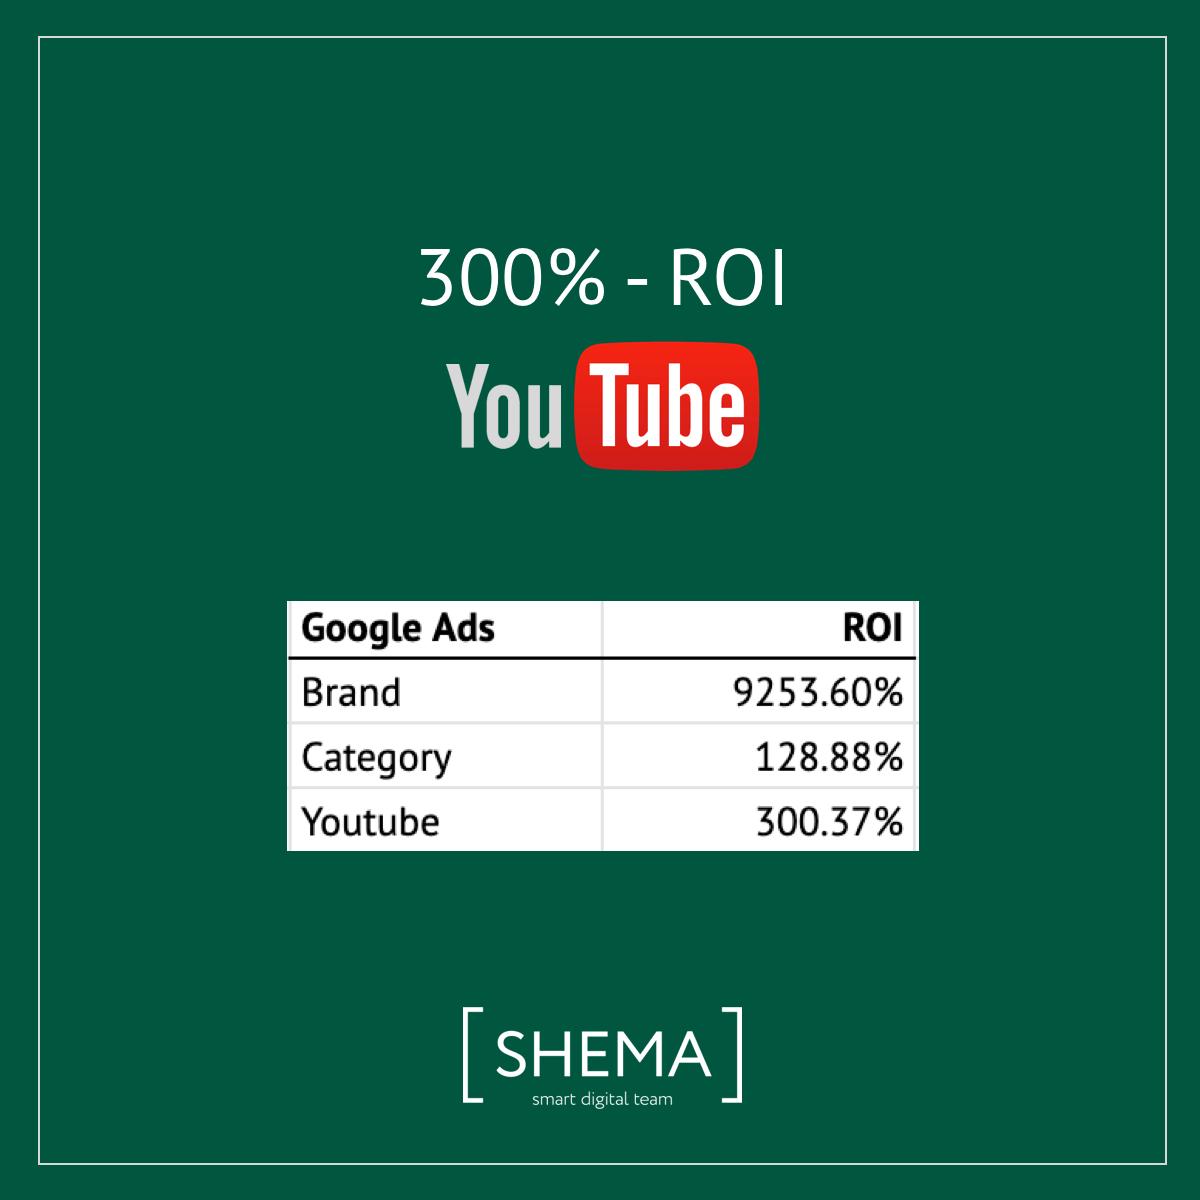 SHEMA-ROI-300%